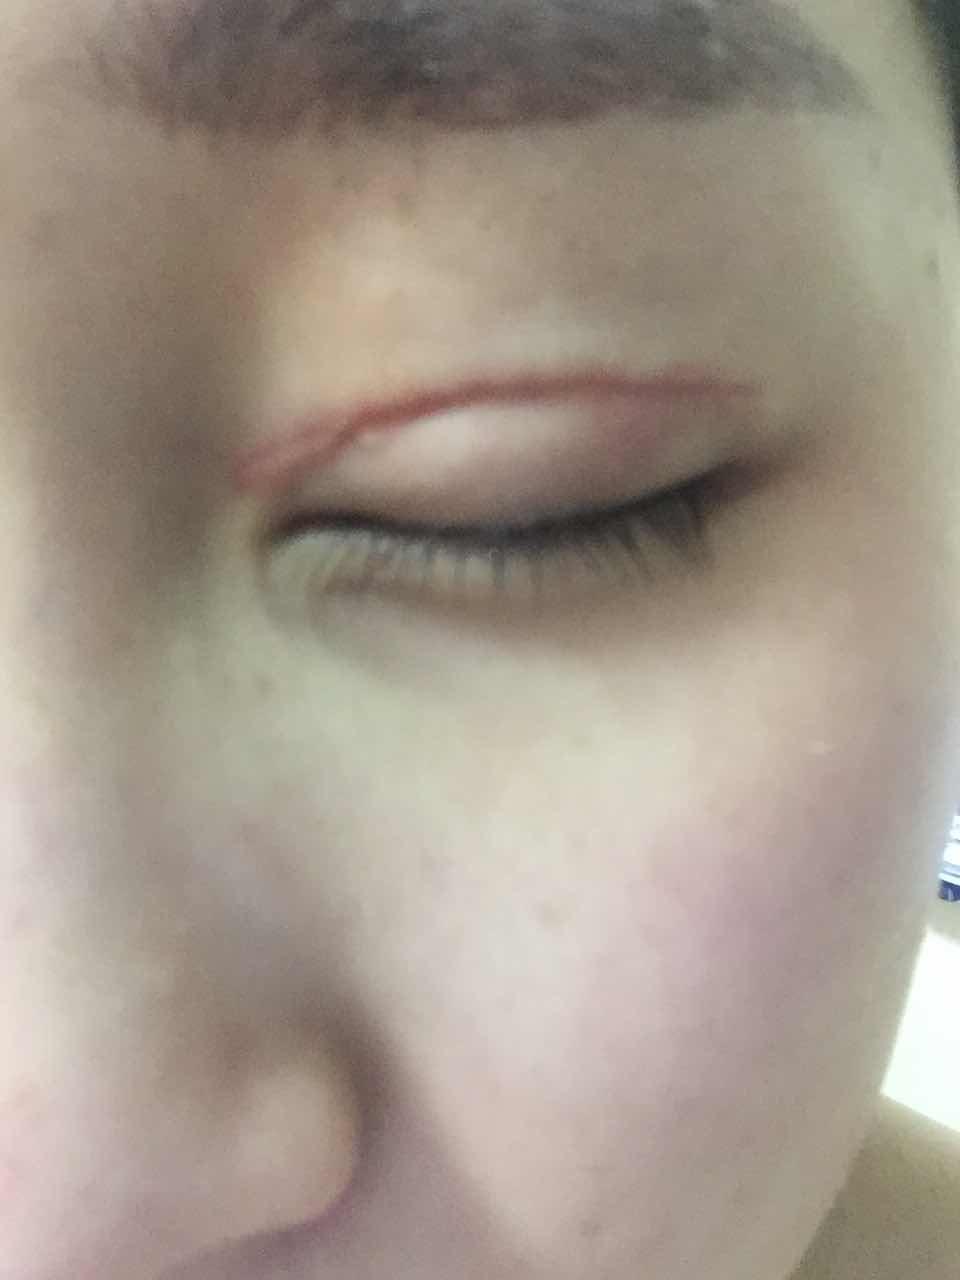 双眼皮术后增生怎么办,4月1日在韩国原辰医院进行了双眼皮全切,开后眼角,眼部提肌手术,现在已经一个月了,眼头处有一大块凸起的硬硬的疤痕,是增生吗?